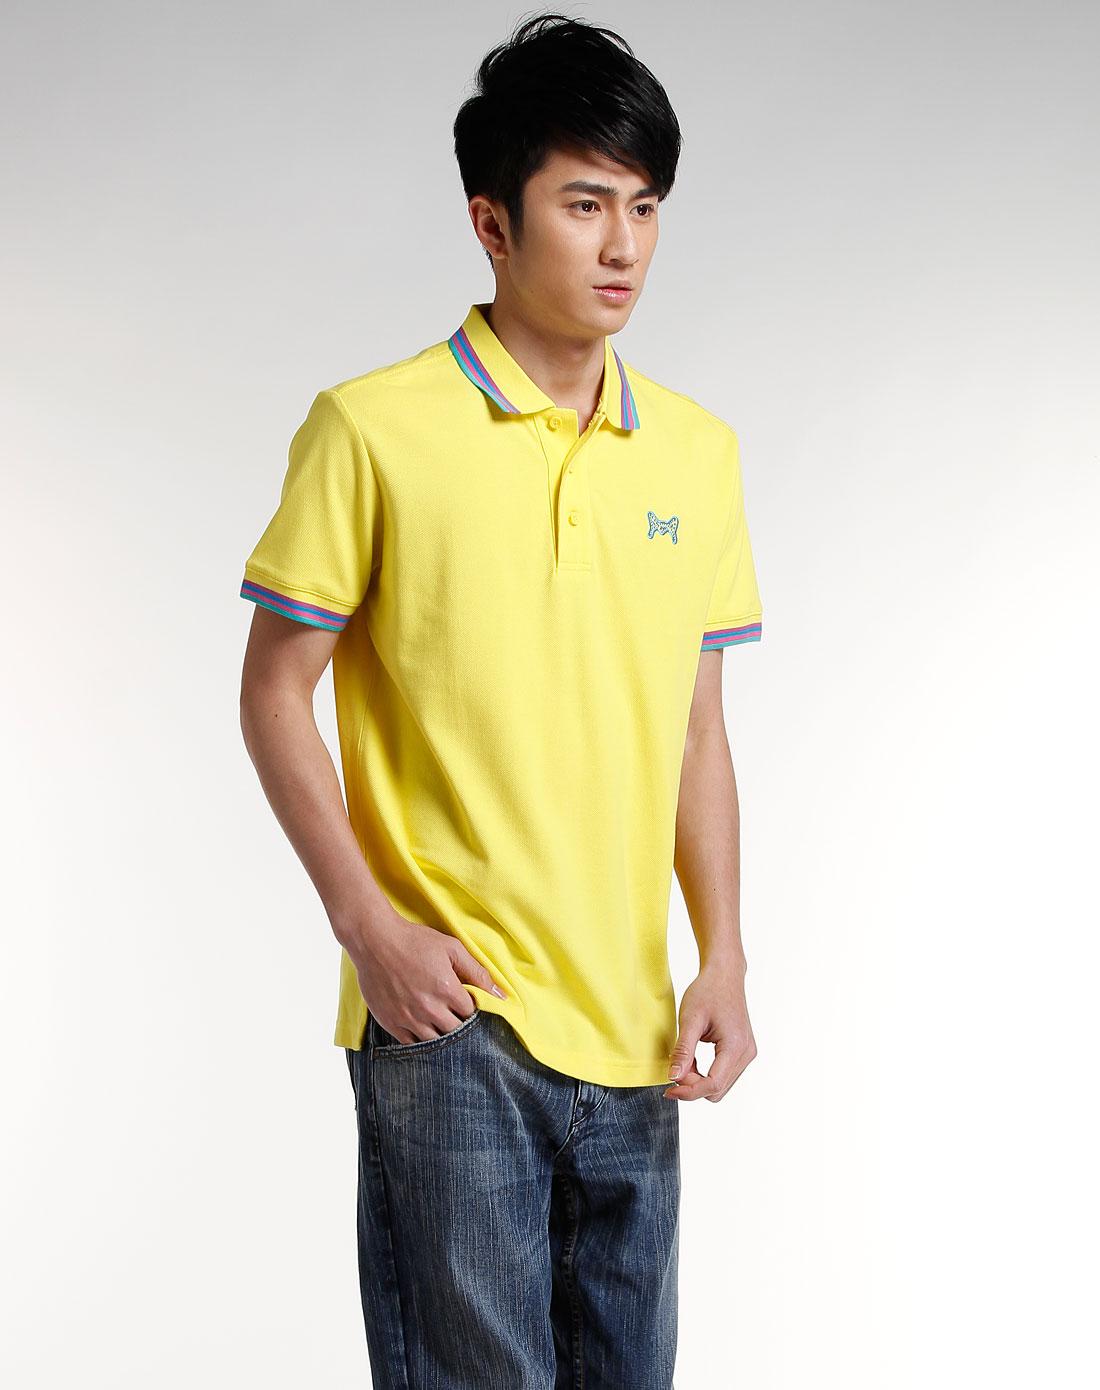 鲜黄/彩色边时尚短袖polo衫